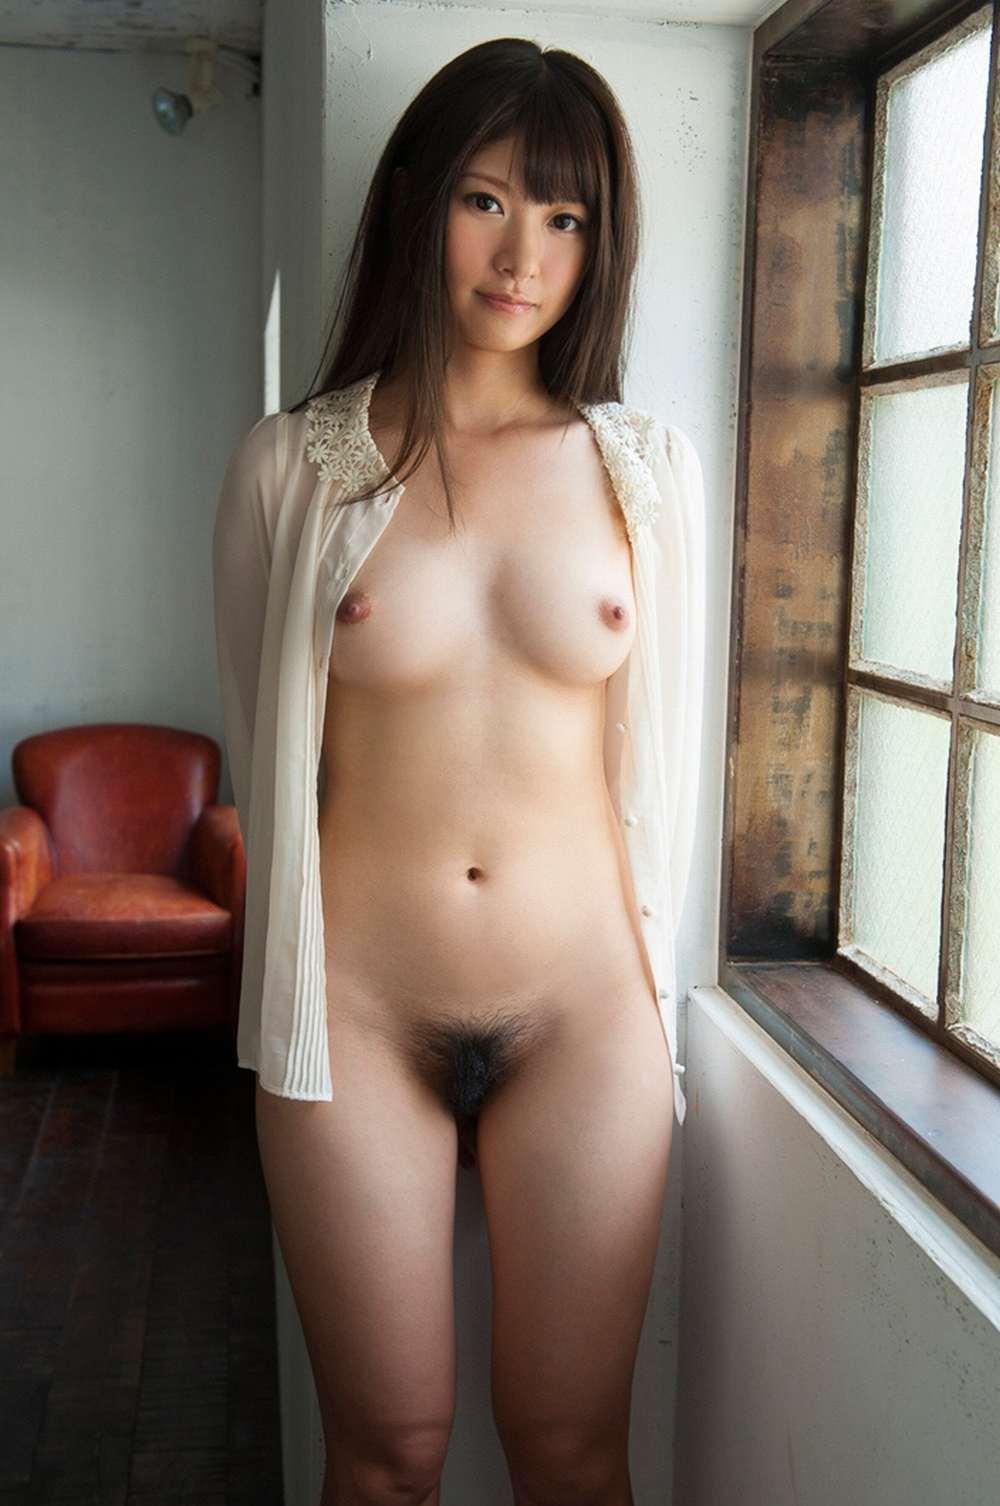 激カワな中国美女が朝から生DE☆おはSEX!超絶手コキでたまら